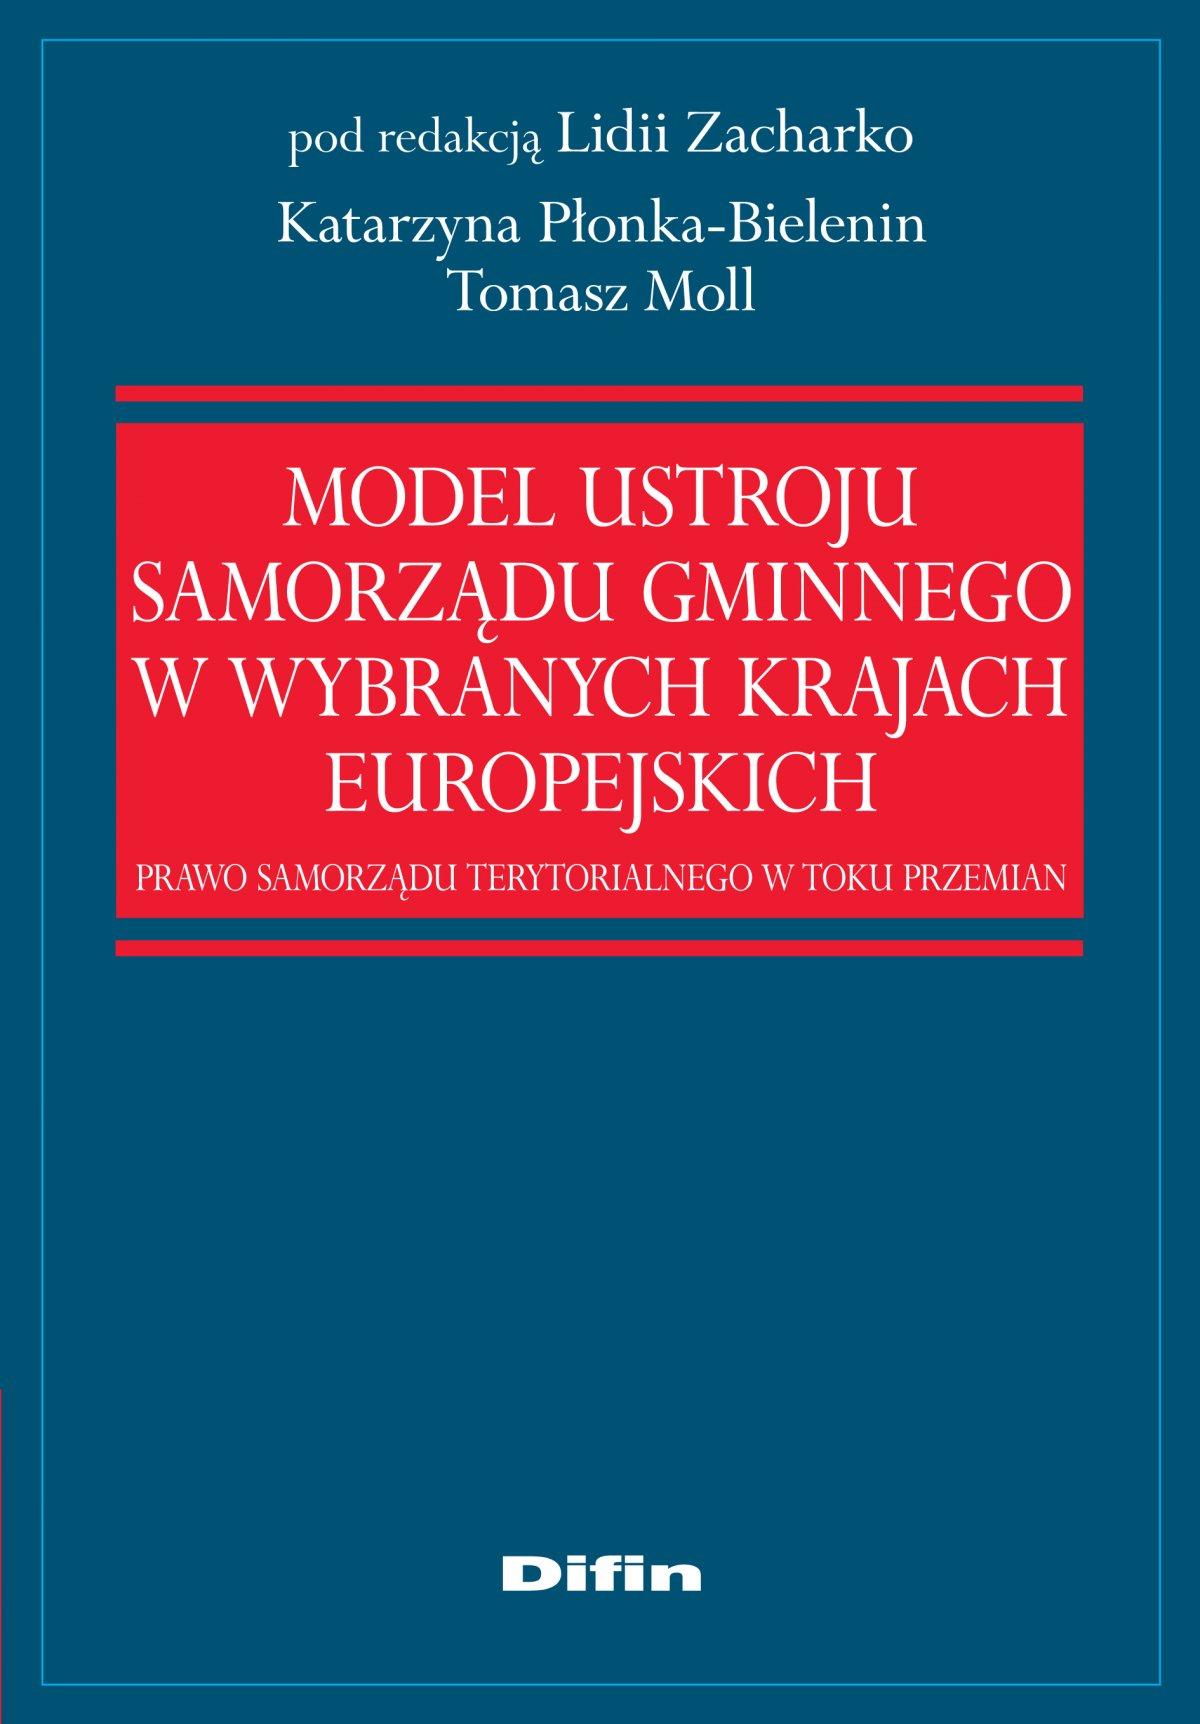 Model ustroju samorządu gminnego w wybranych krajach europejskich. Prawo samorządu terytorialnego w toku przemian - Ebook (Książka EPUB) do pobrania w formacie EPUB